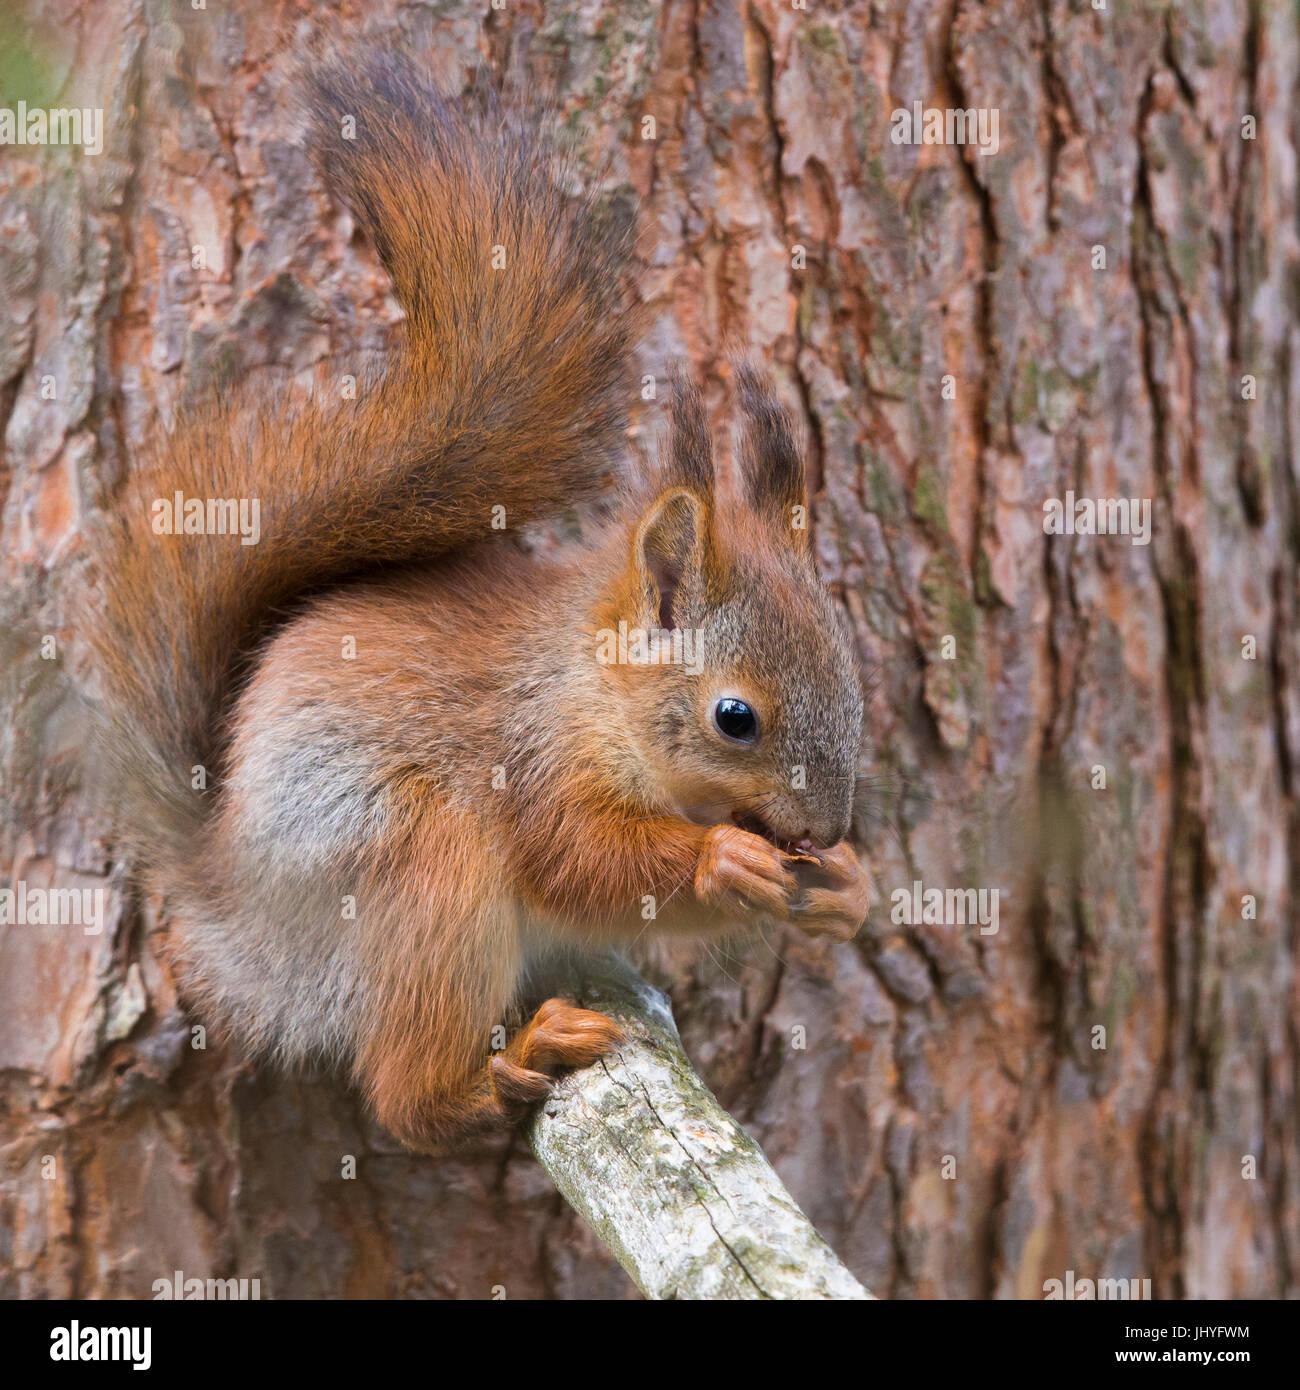 Ardilla roja (Sciurus vulgaris), alimentación y seeting aduld sobre una rama de pino Imagen De Stock